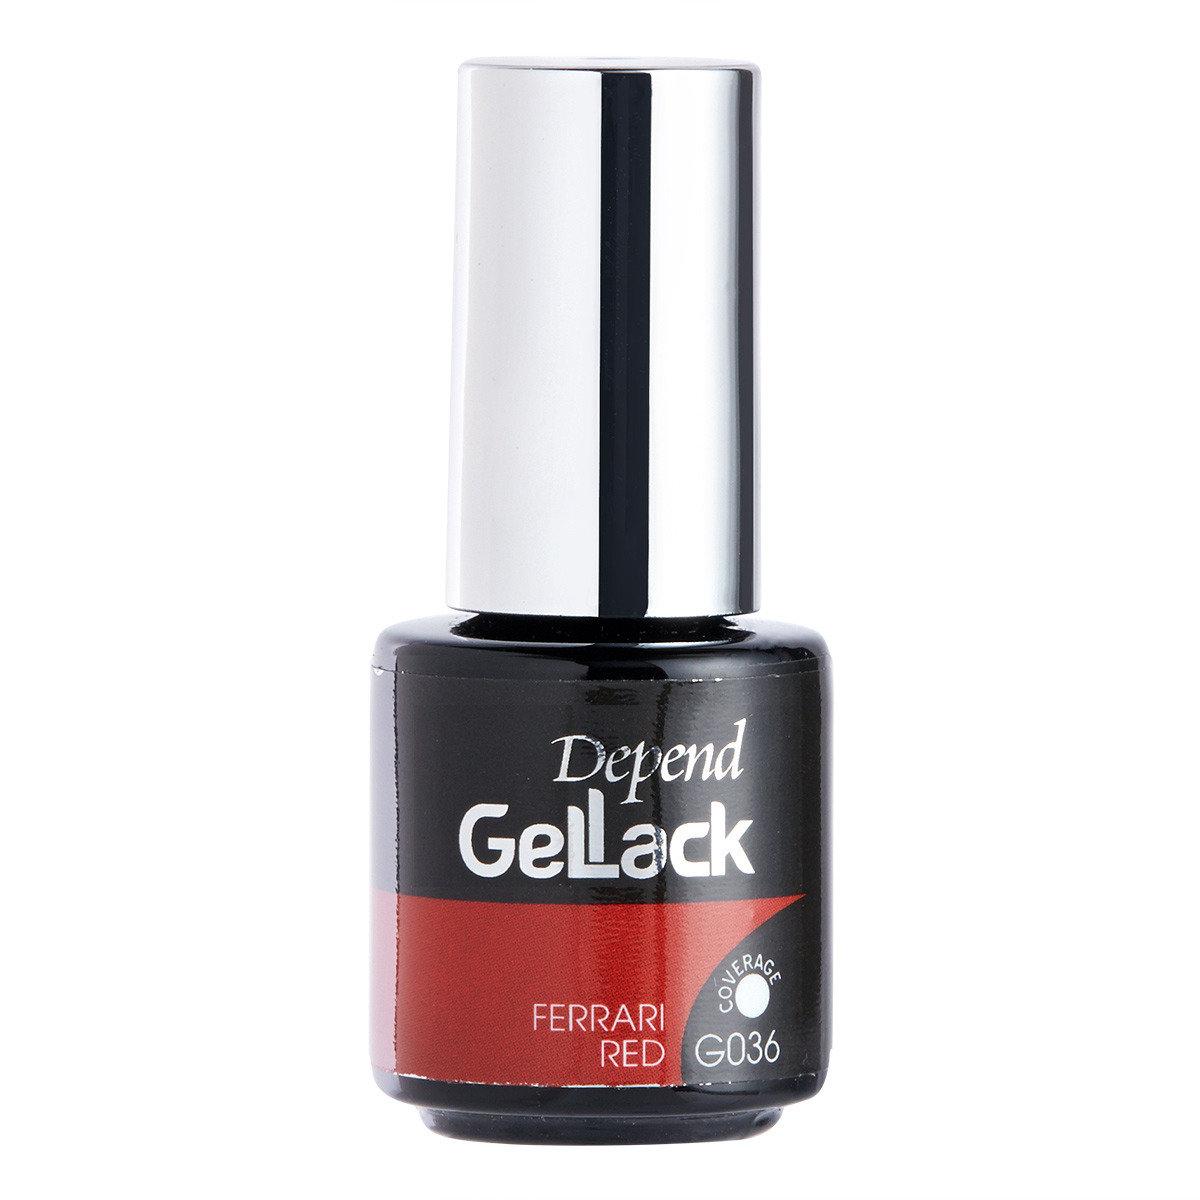 GELLACK指甲油-G036